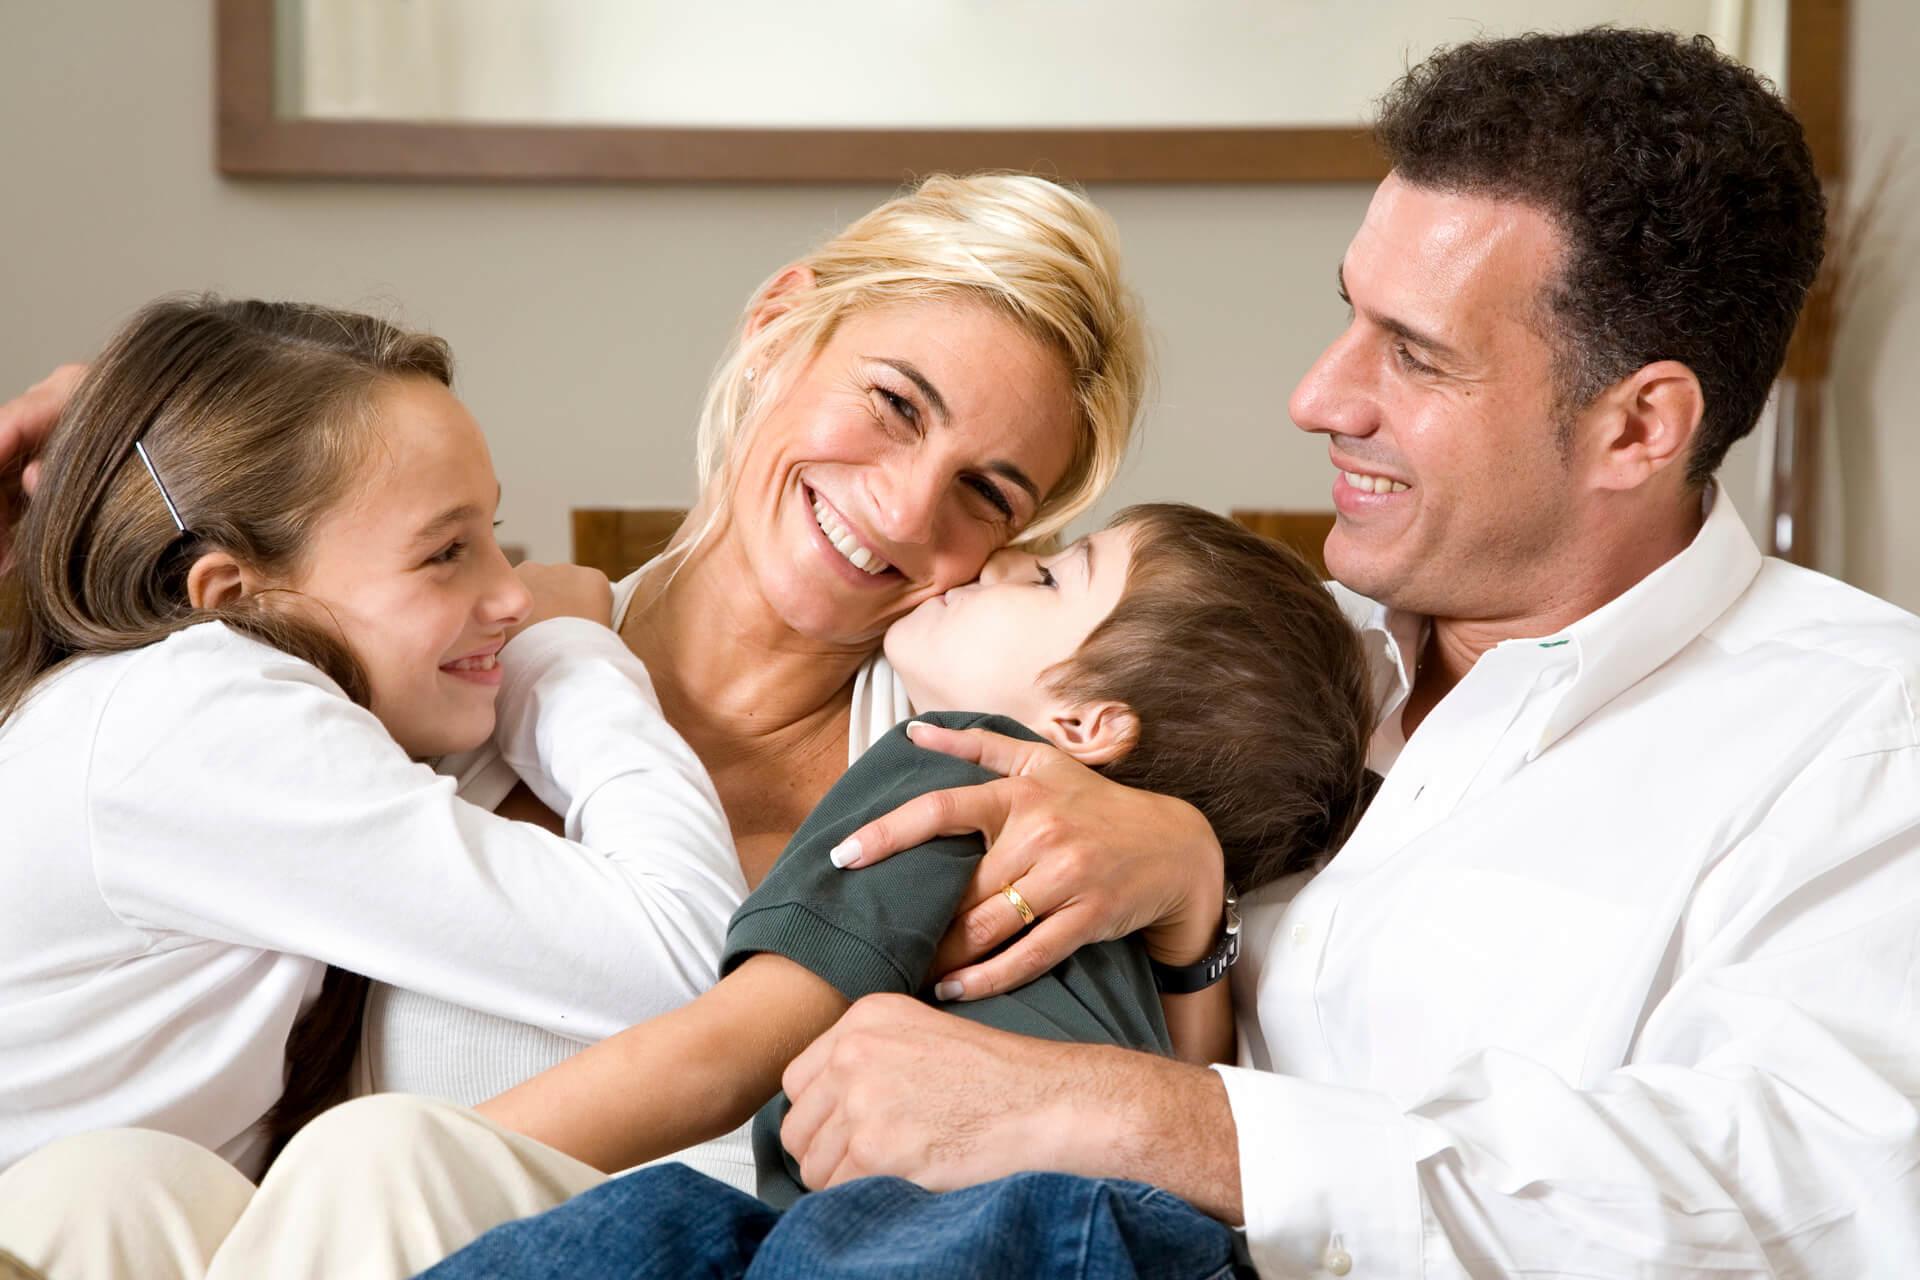 Jak bezpiecznie wynająć mieszkanie rodzinie z dzieckiem? Poradnik!